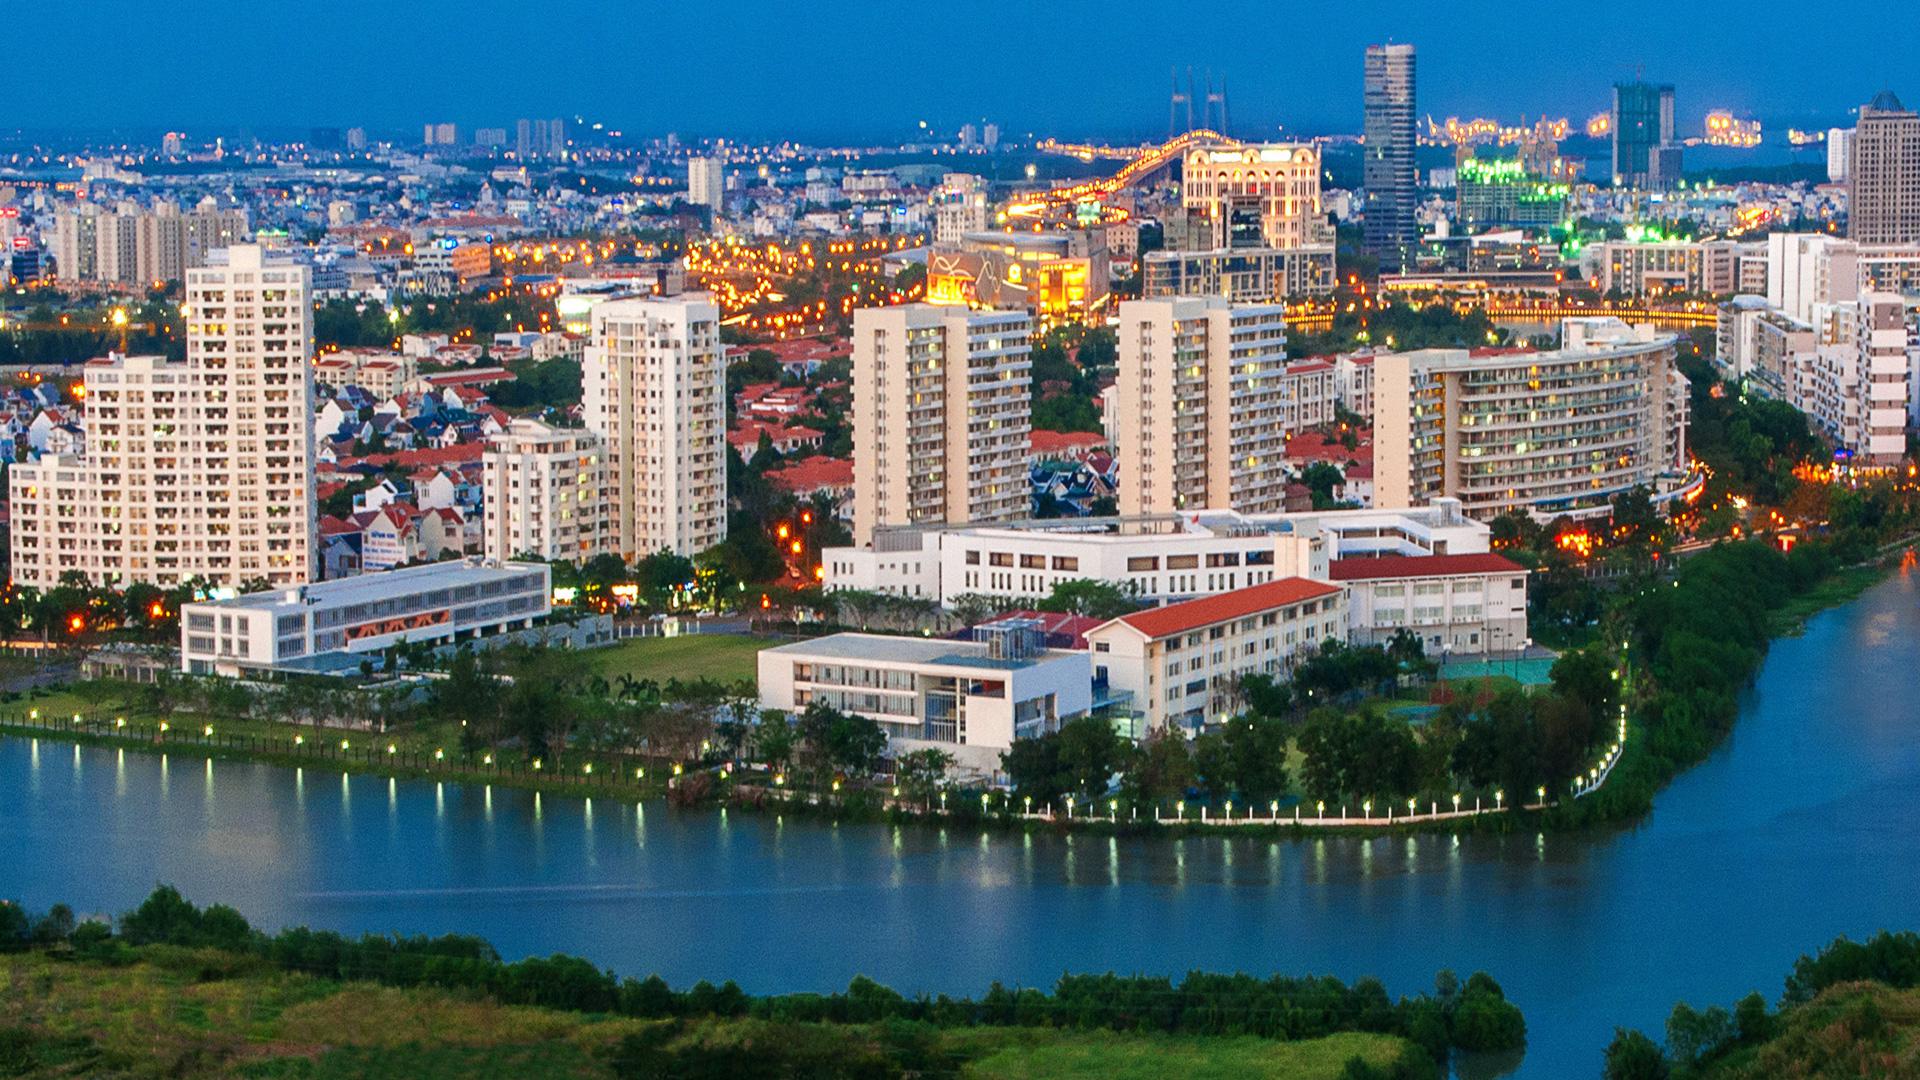 Bất động sản đã tác động đến quá trình đô thị hóa của TP HCM ra sao? - Ảnh 9.